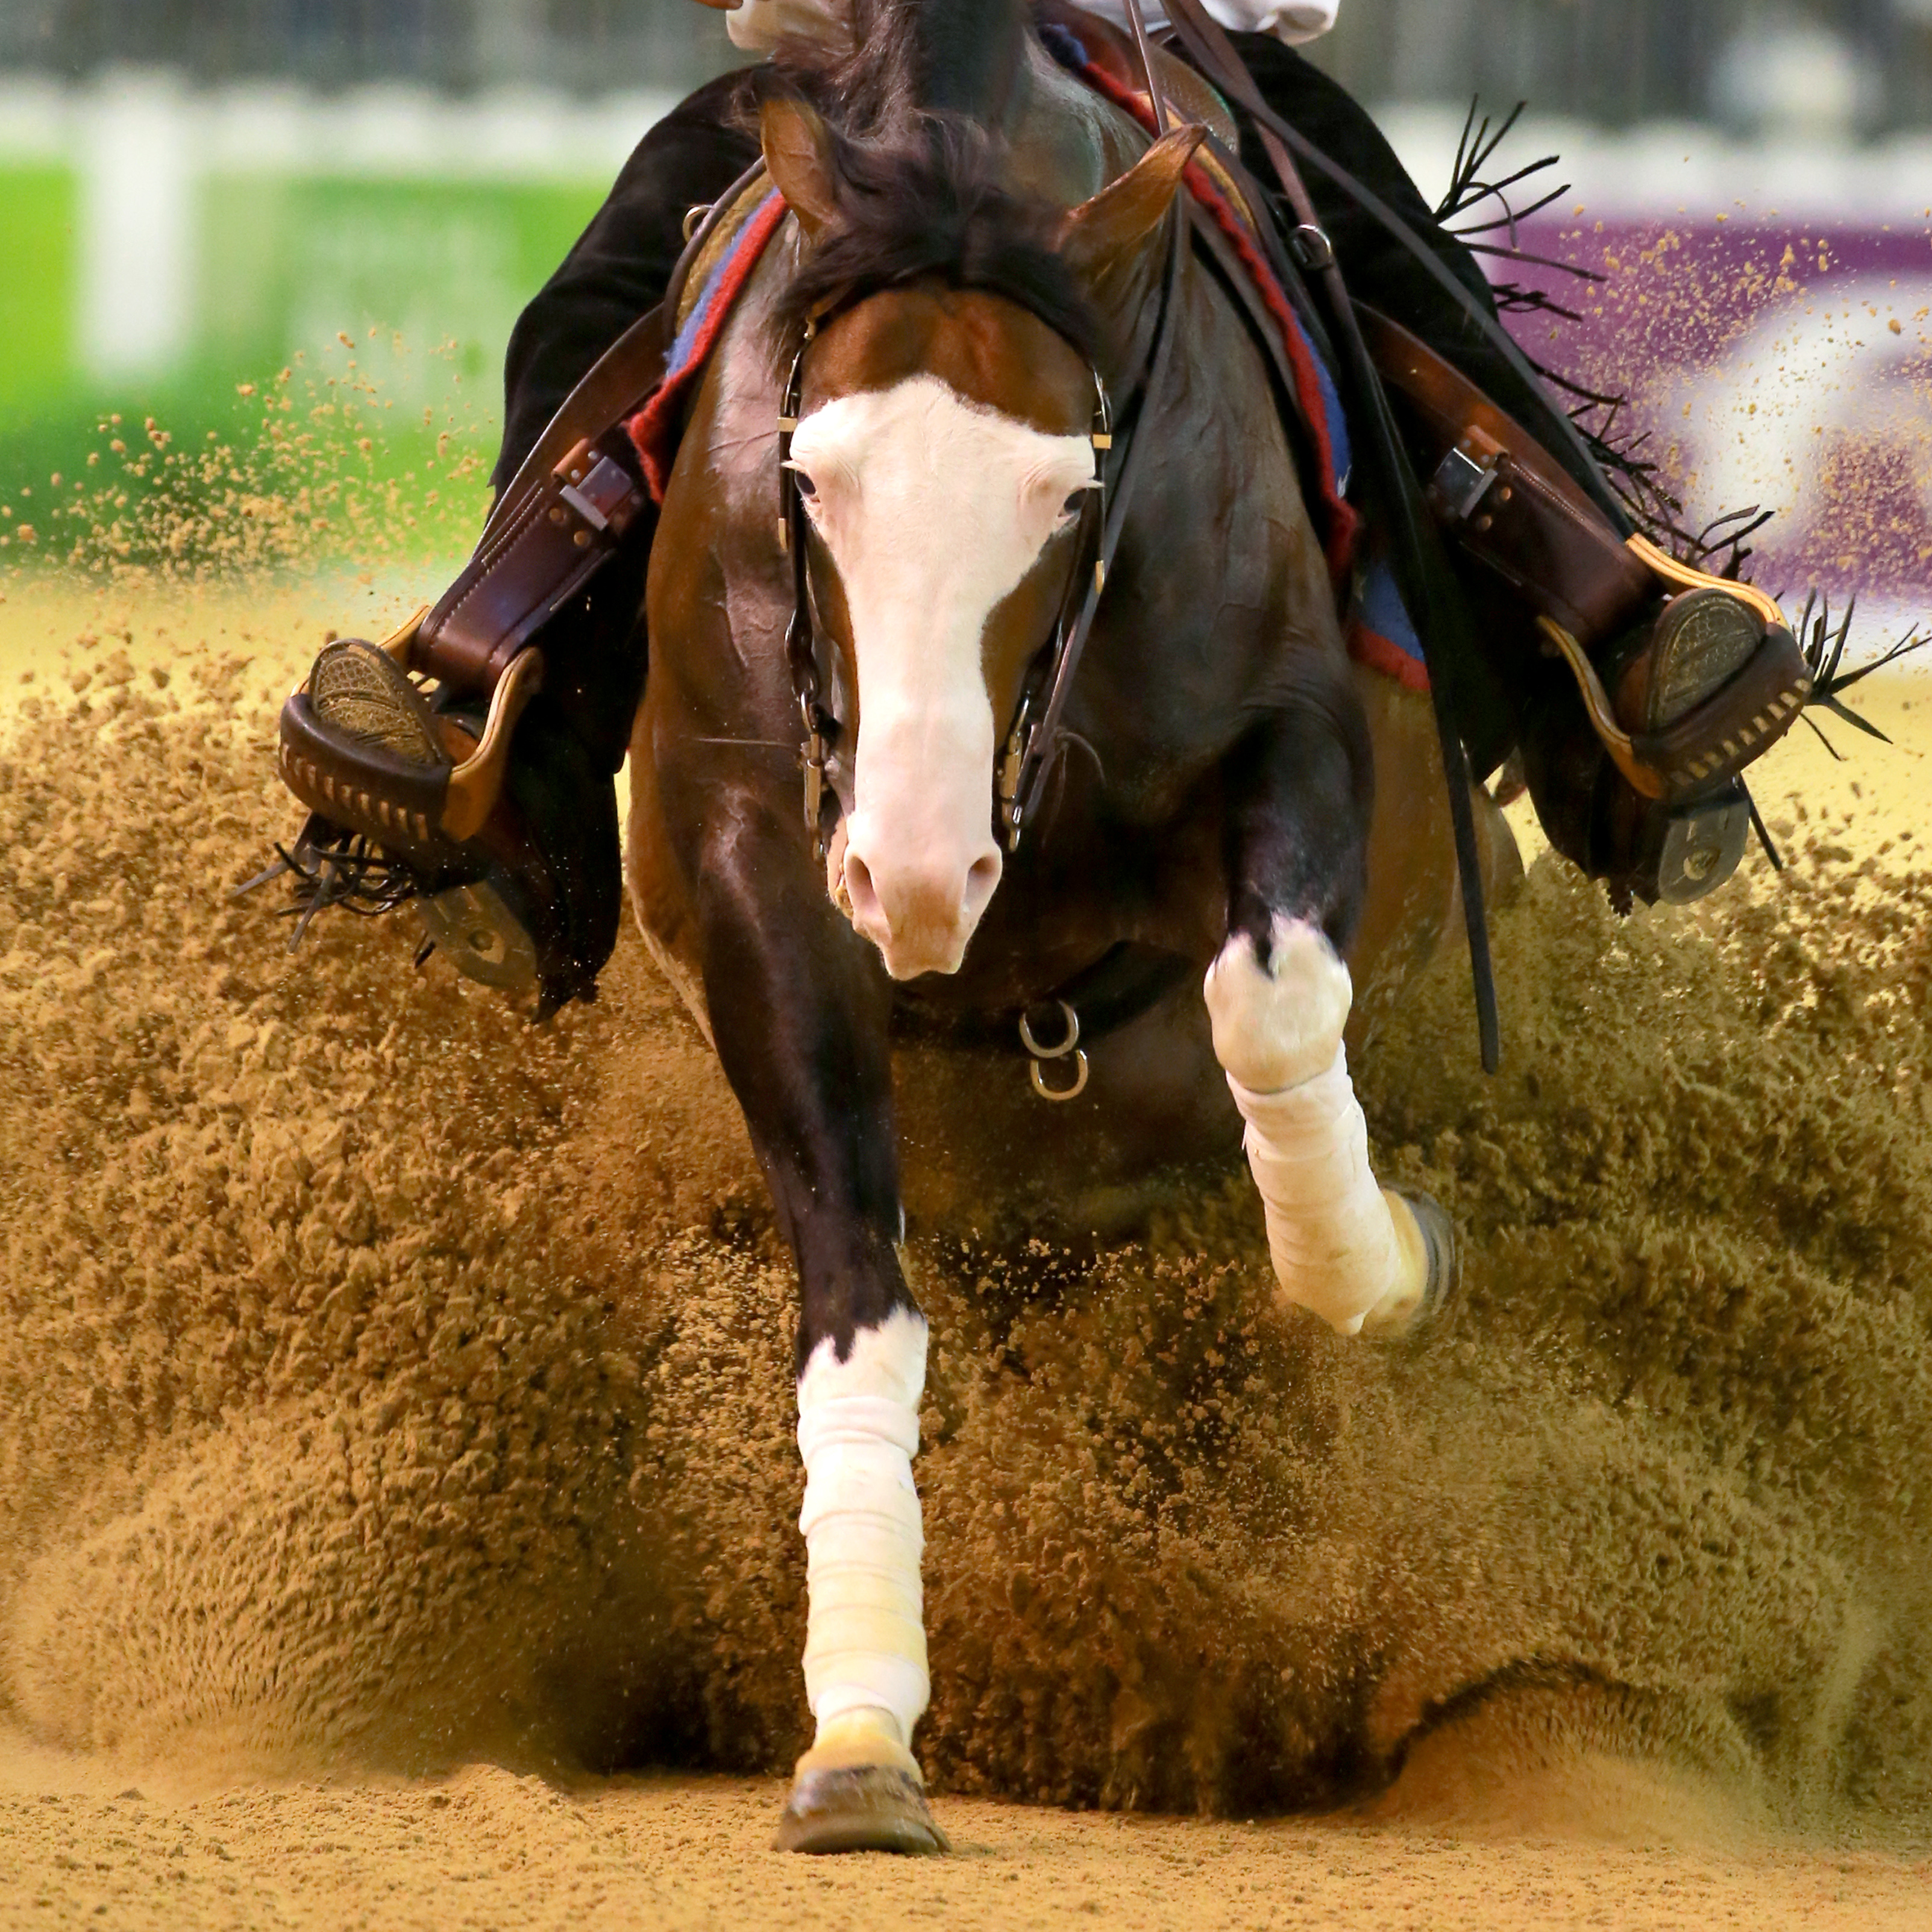 incontri equestri Australia Stiamo spostando dating troppo veloce